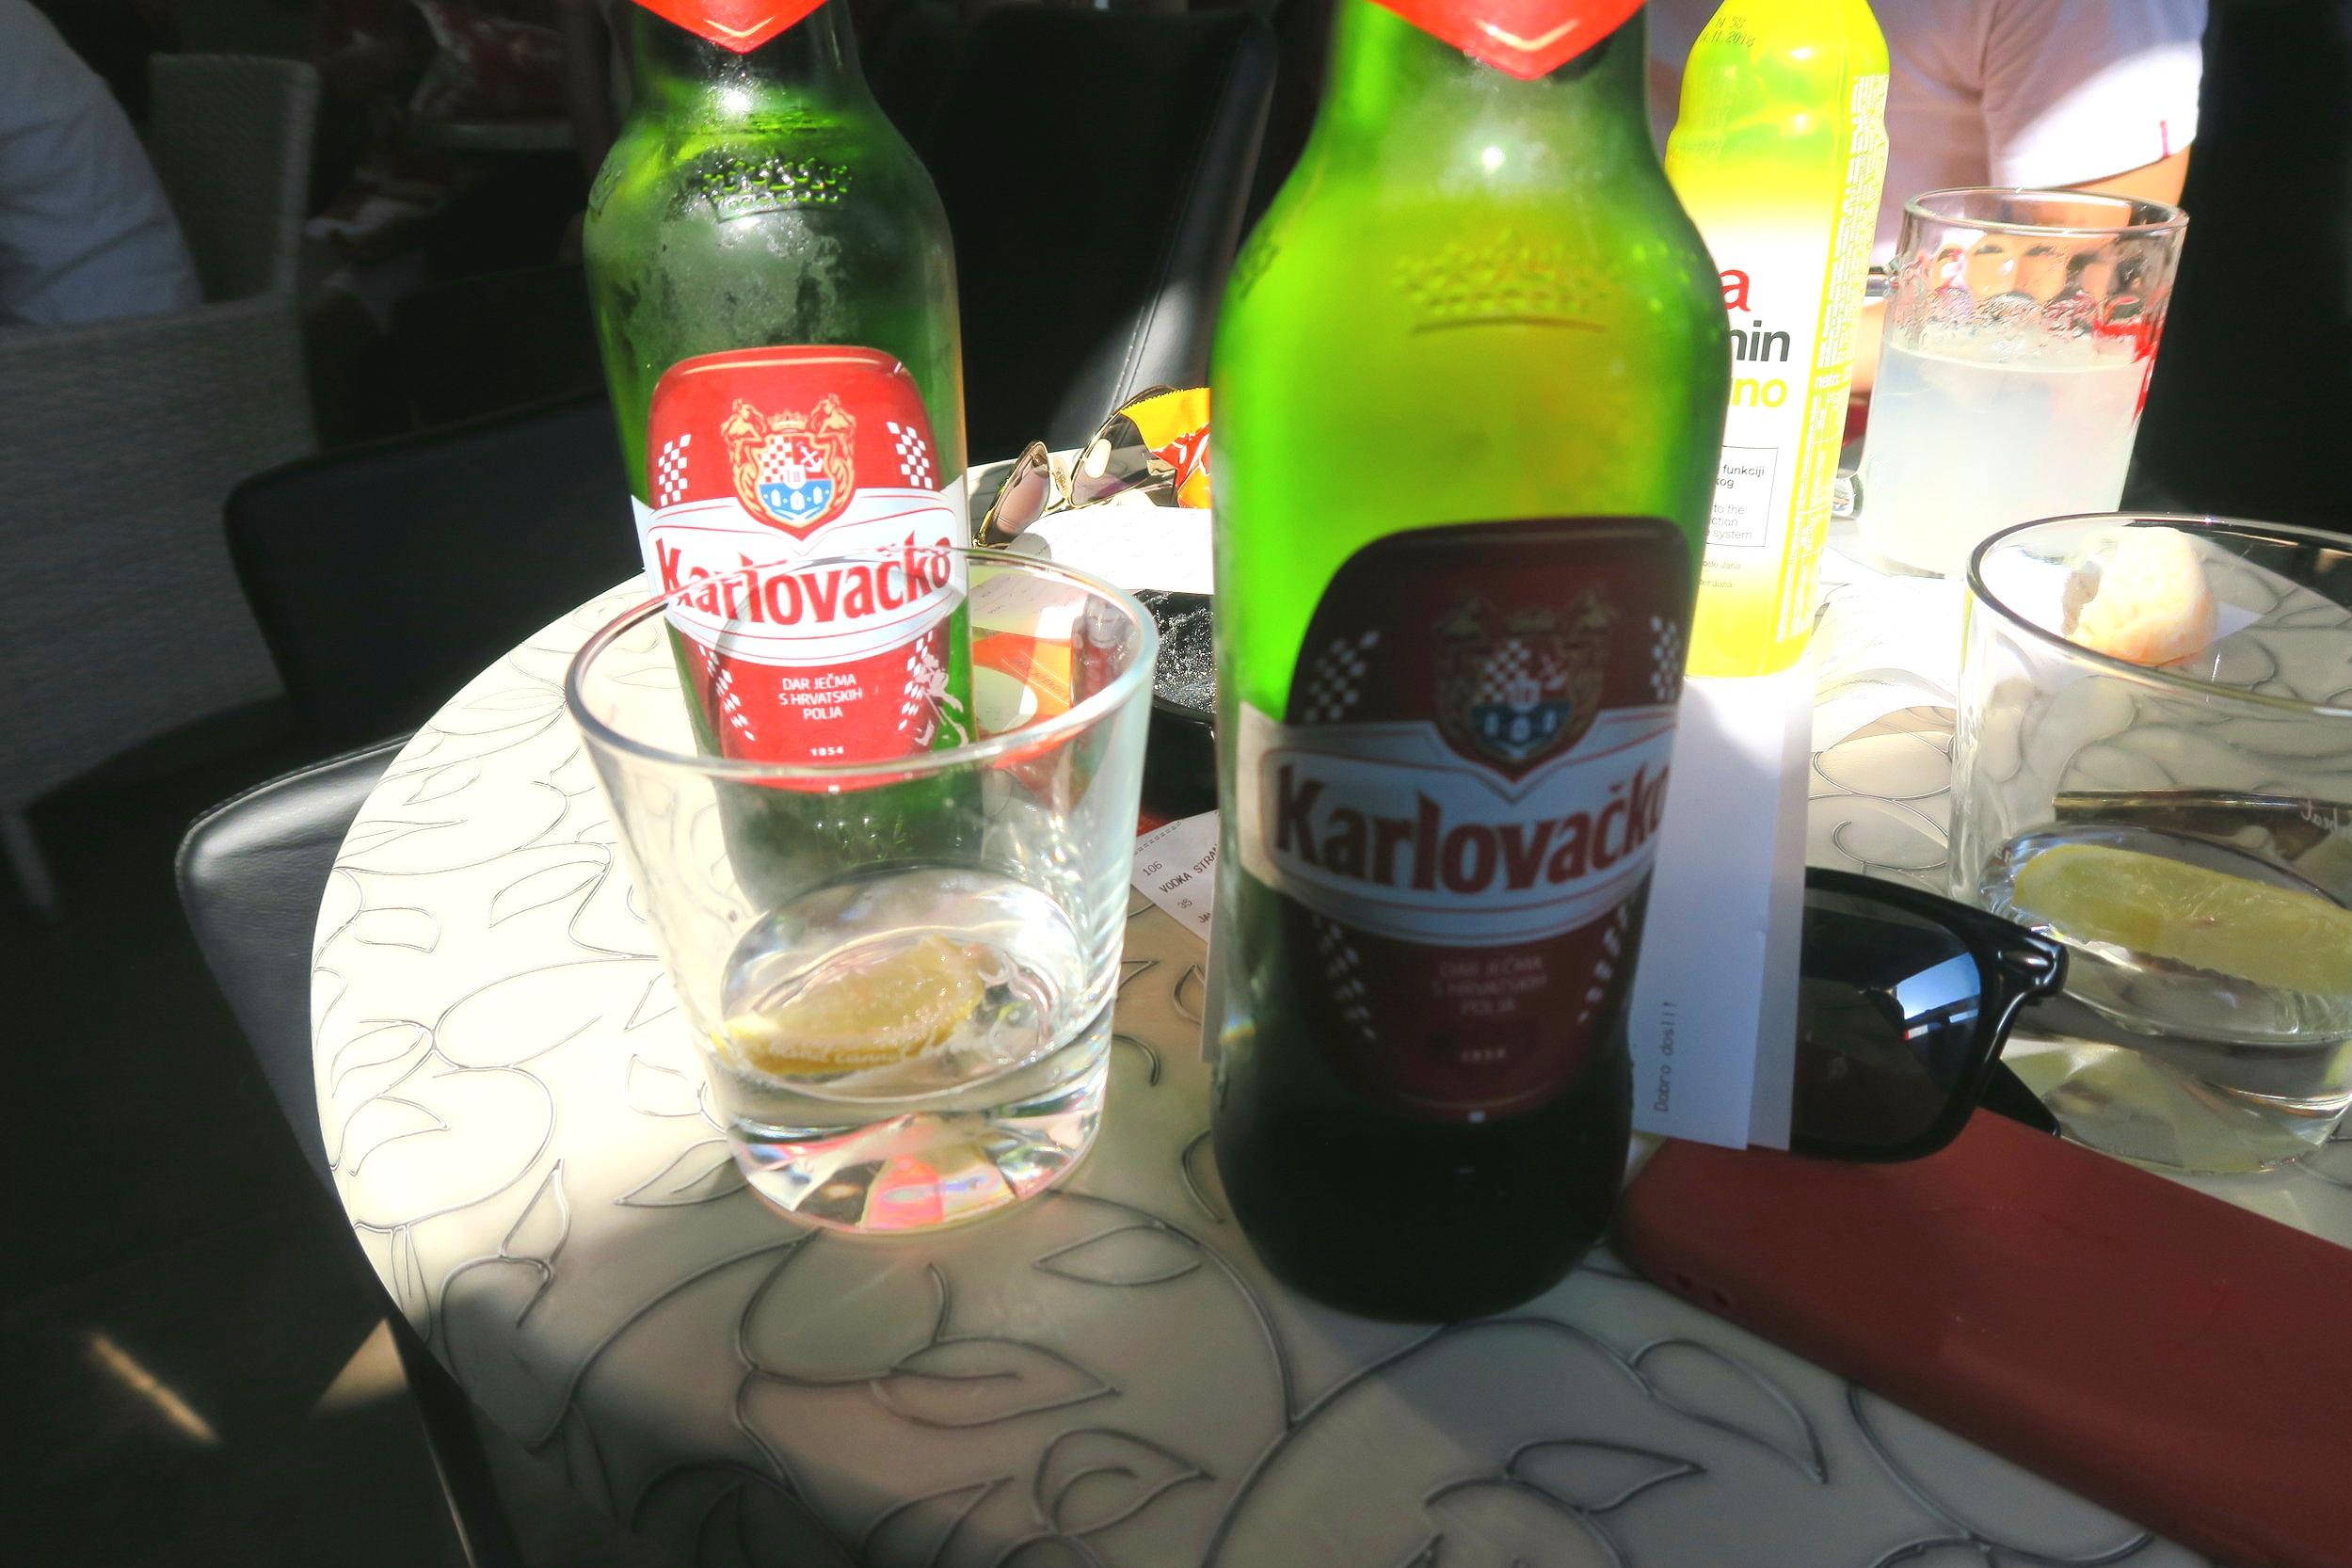 Beers in Croatia